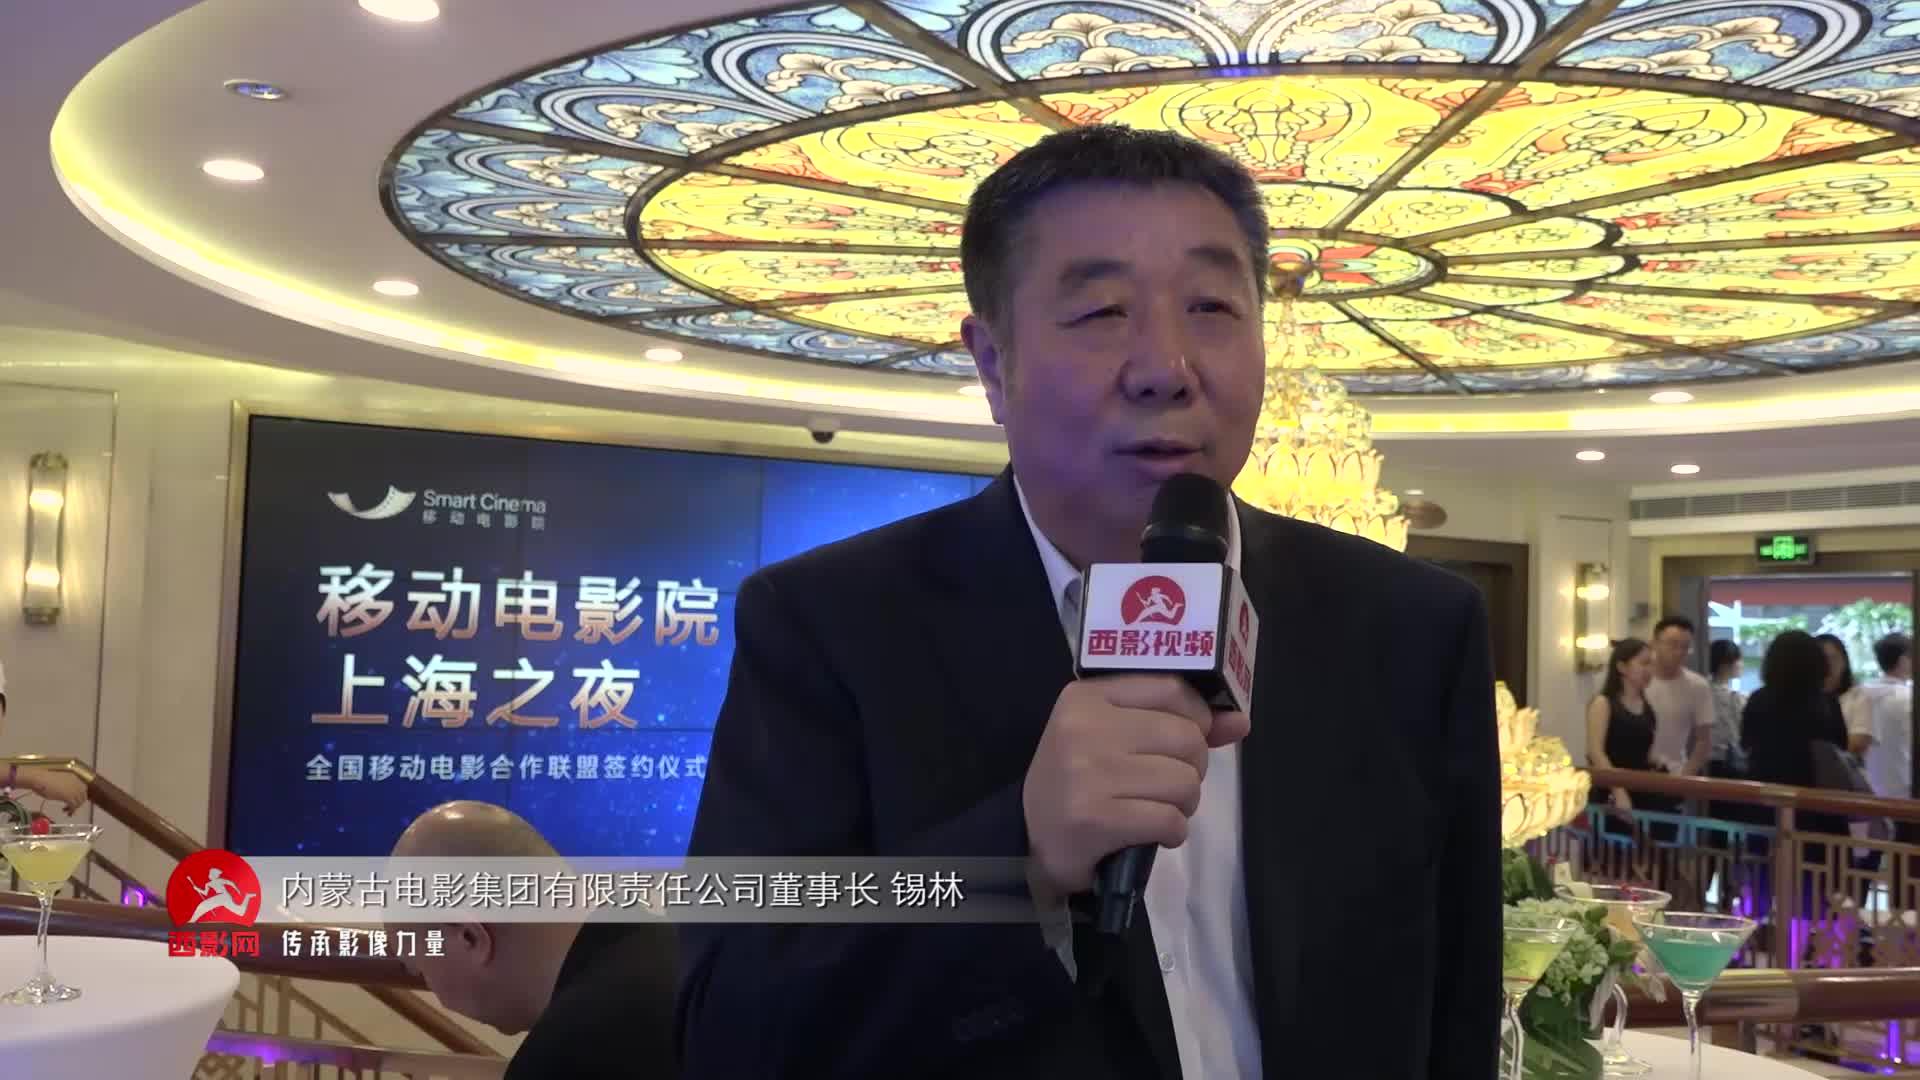 群星云集 一览第22届上海国际电影节盛况